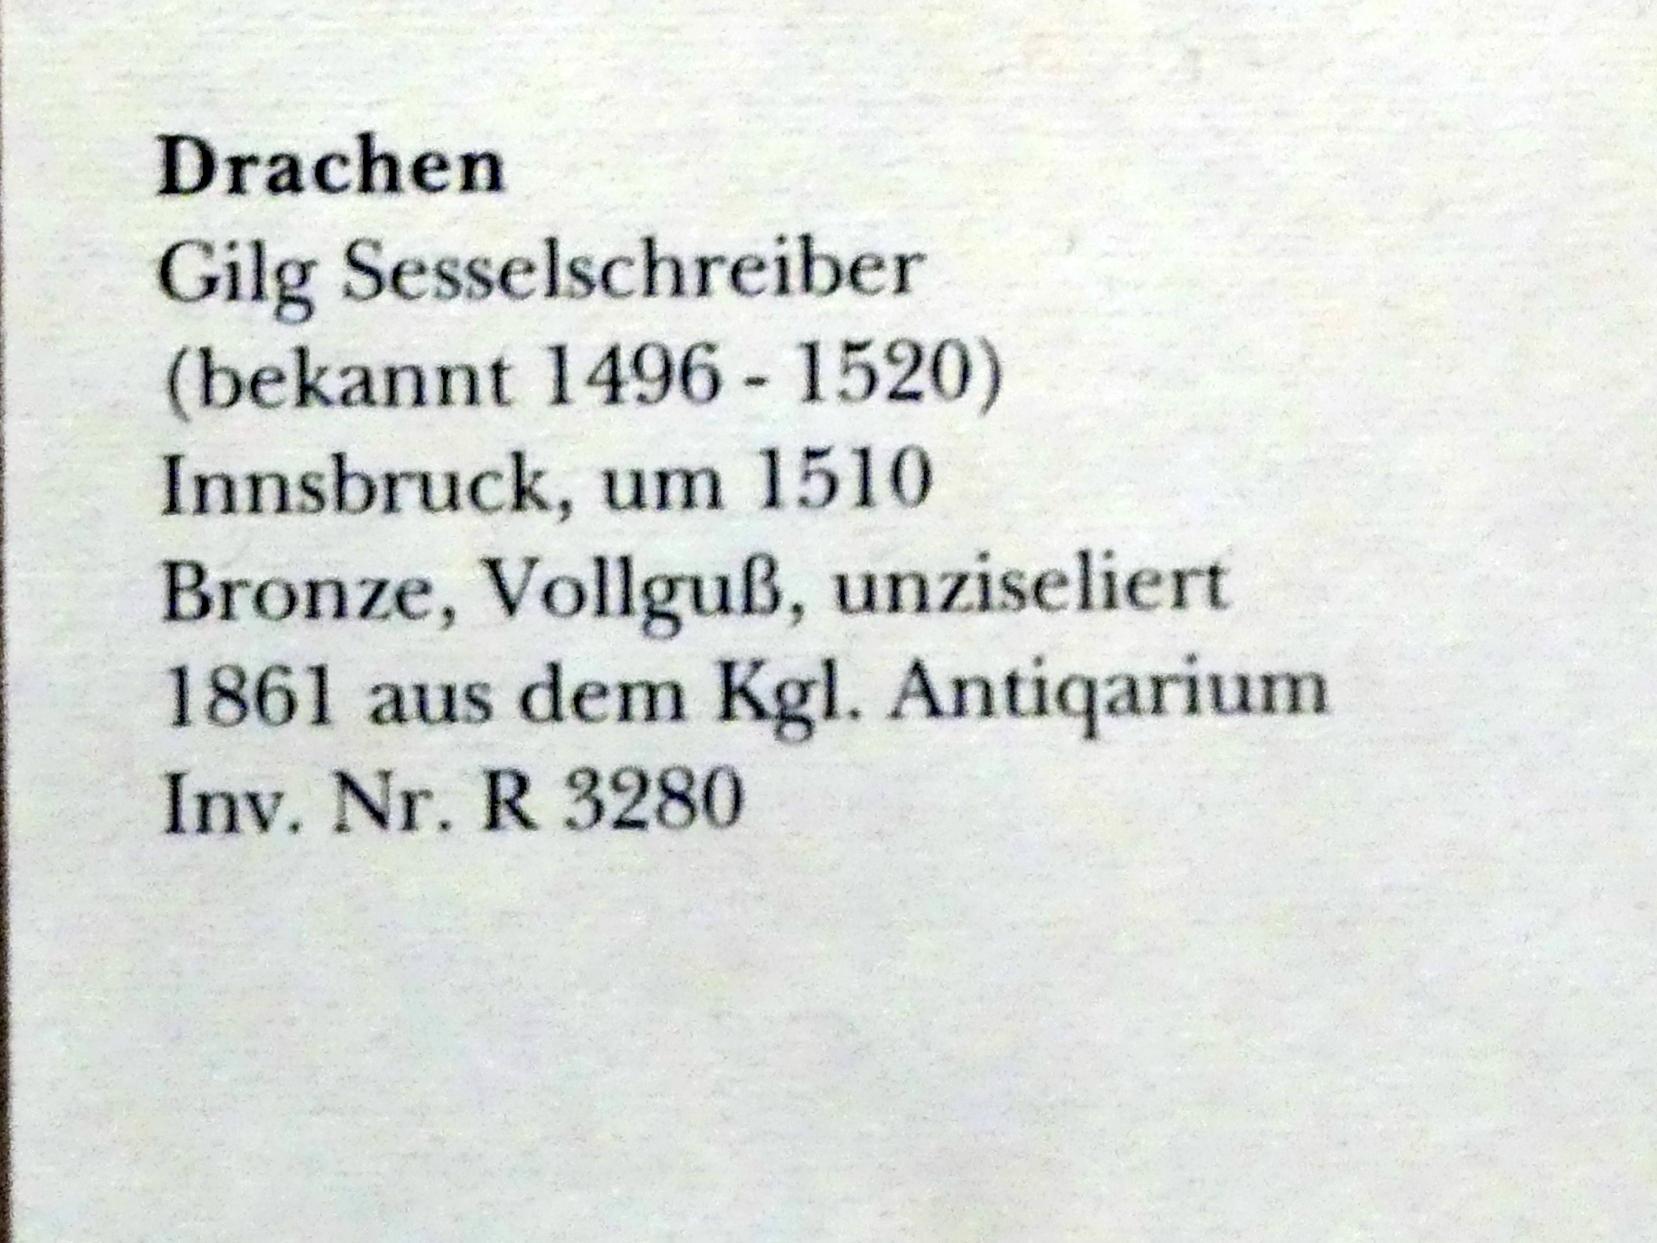 Gilg Sesselschreiber: Drachen, um 1510